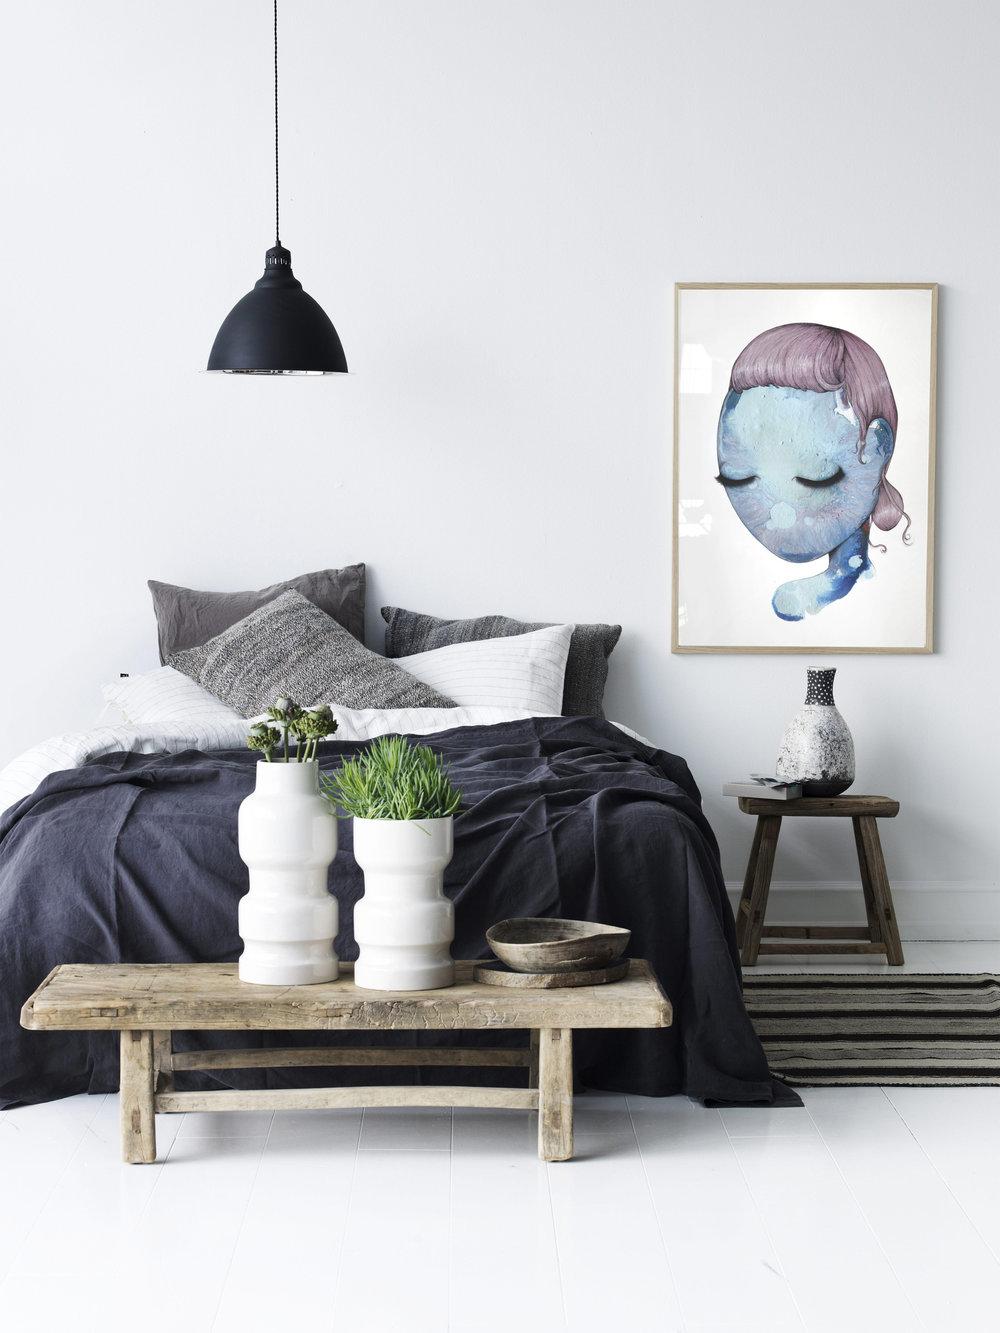 Infrasonic - Fine art print by Joanna Jensen AARHUSMAKERS